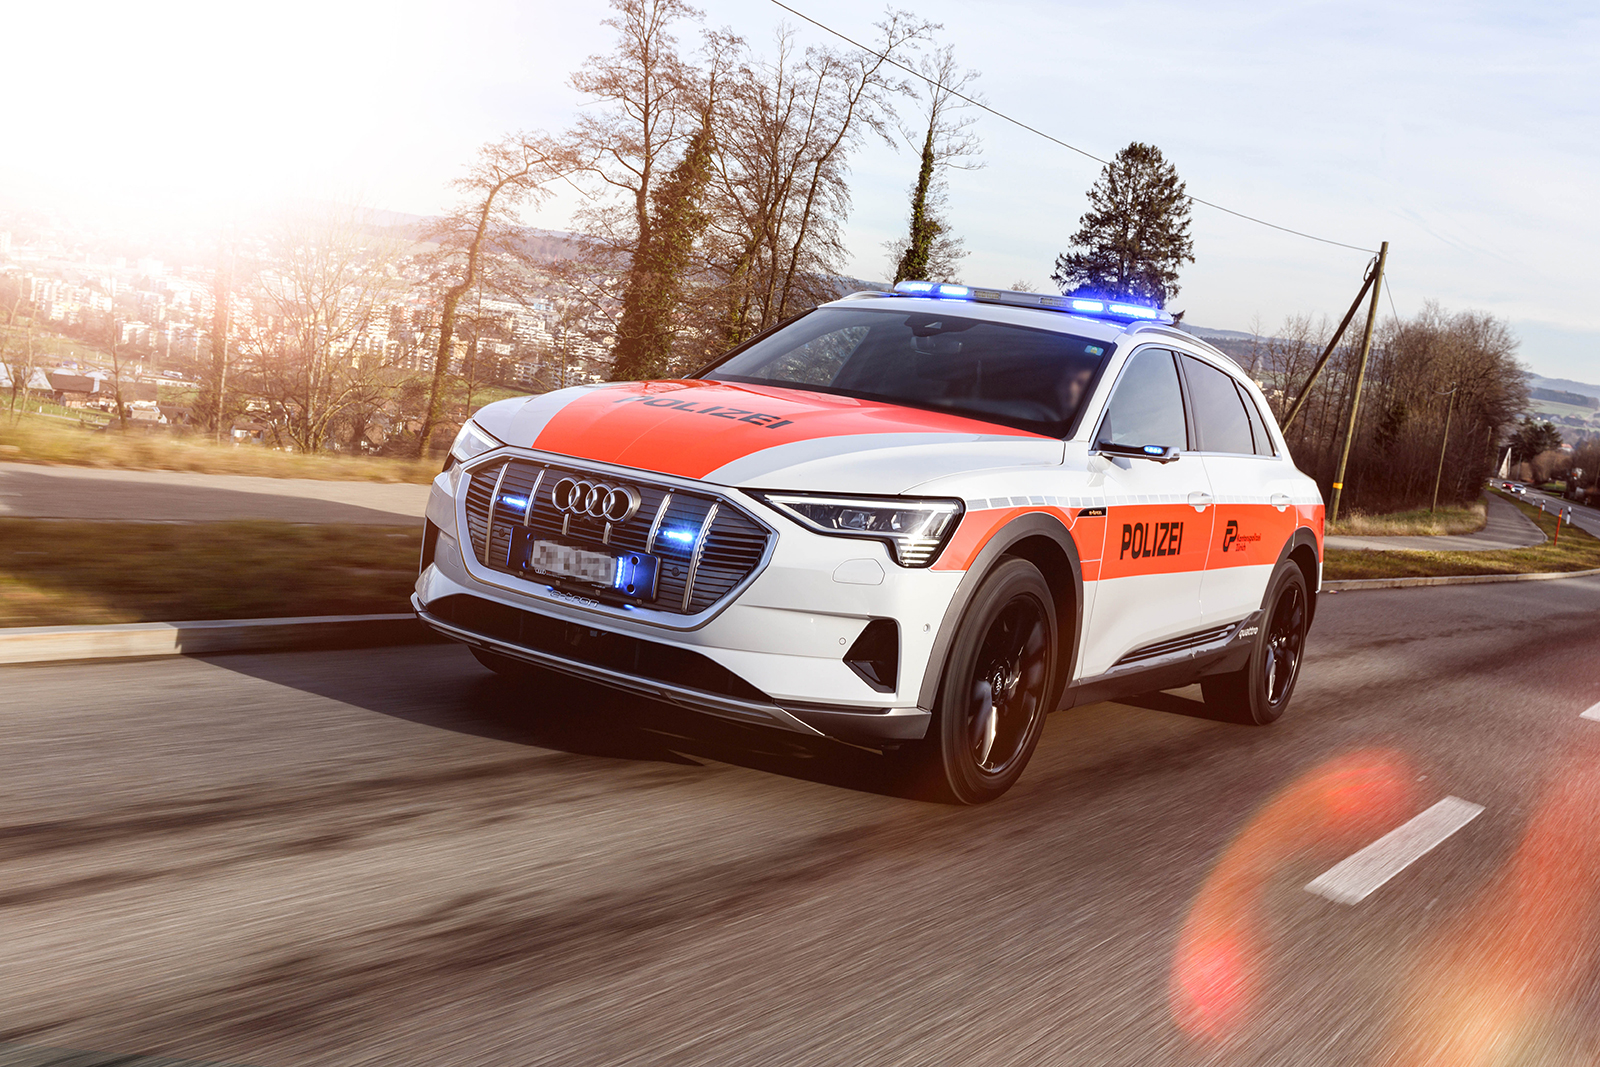 Der Audi e-tron der Kantonspolizei Zürich im Einsatz. (Kantonspolizei Zürich)